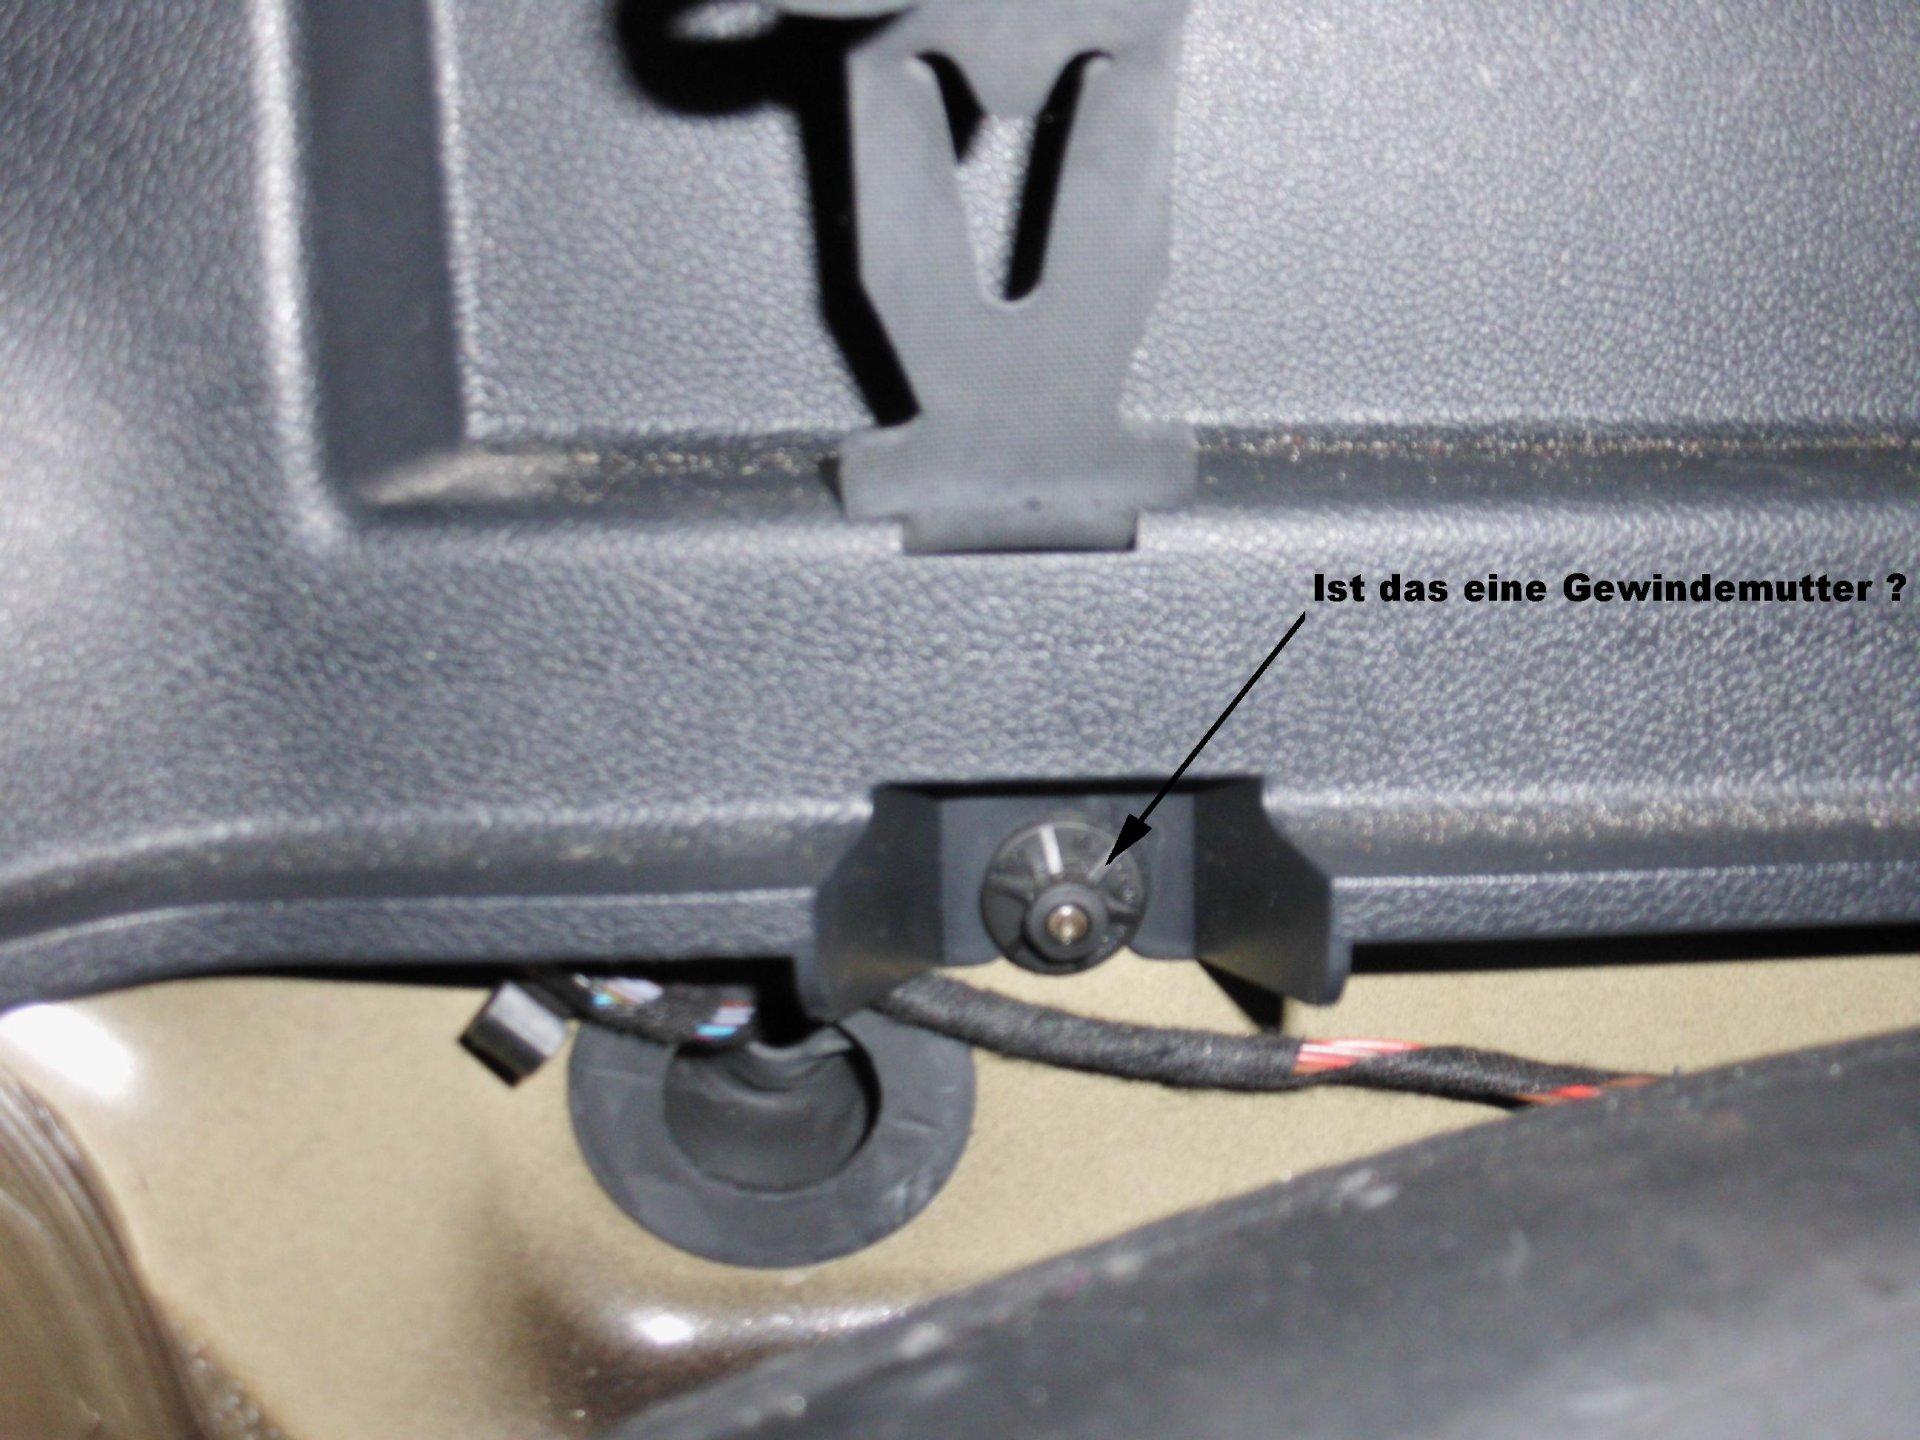 Kofferraum-Verkleidung 2.jpg